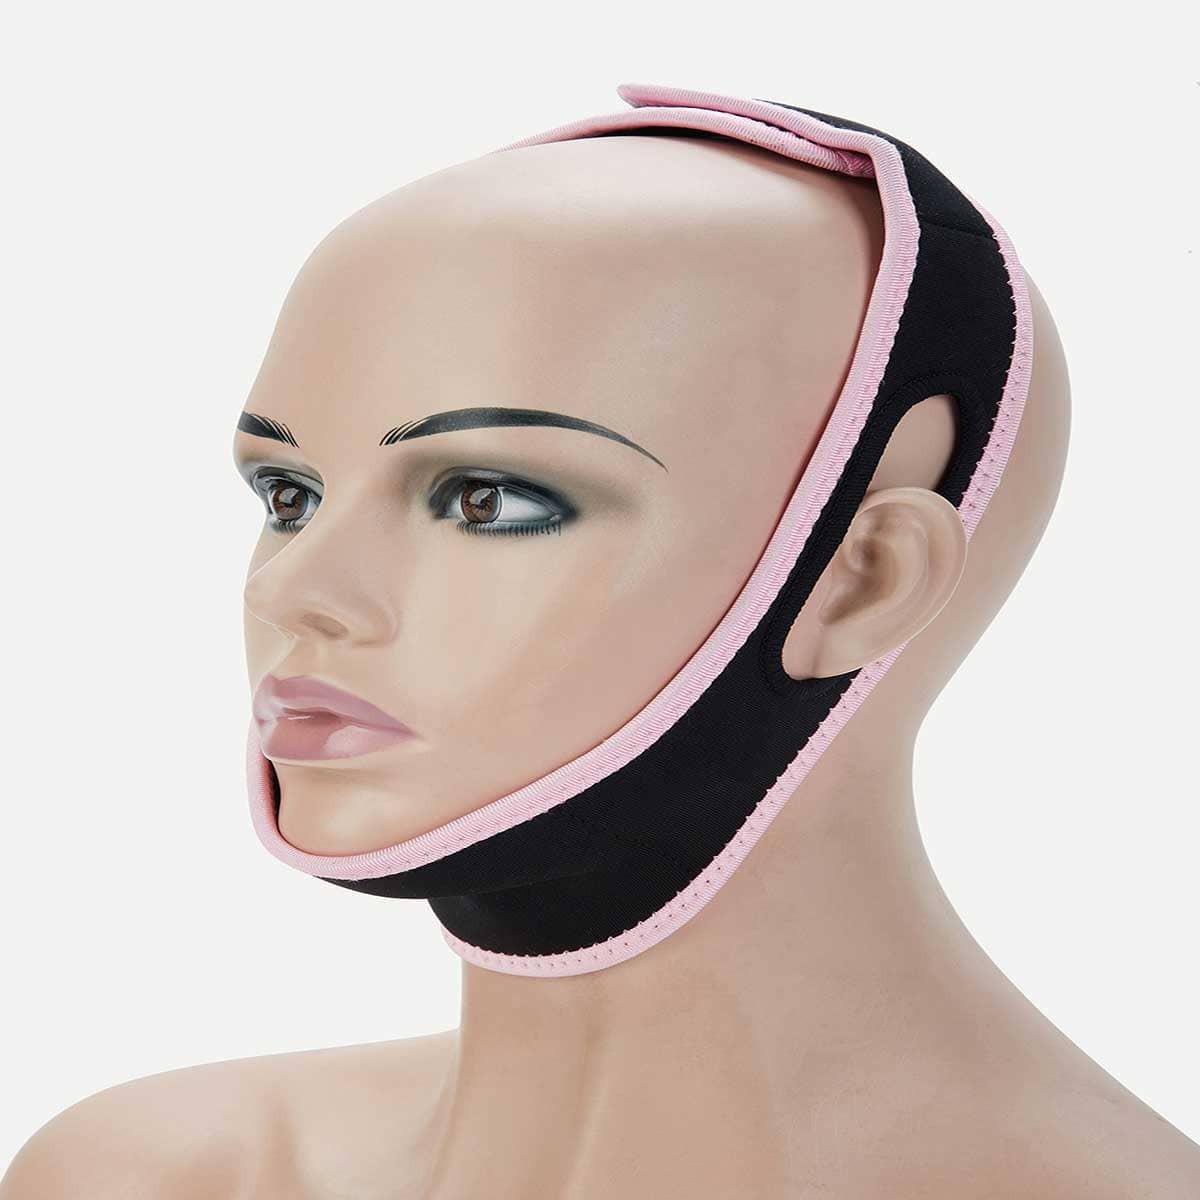 V-Line Face Slimming Bandage